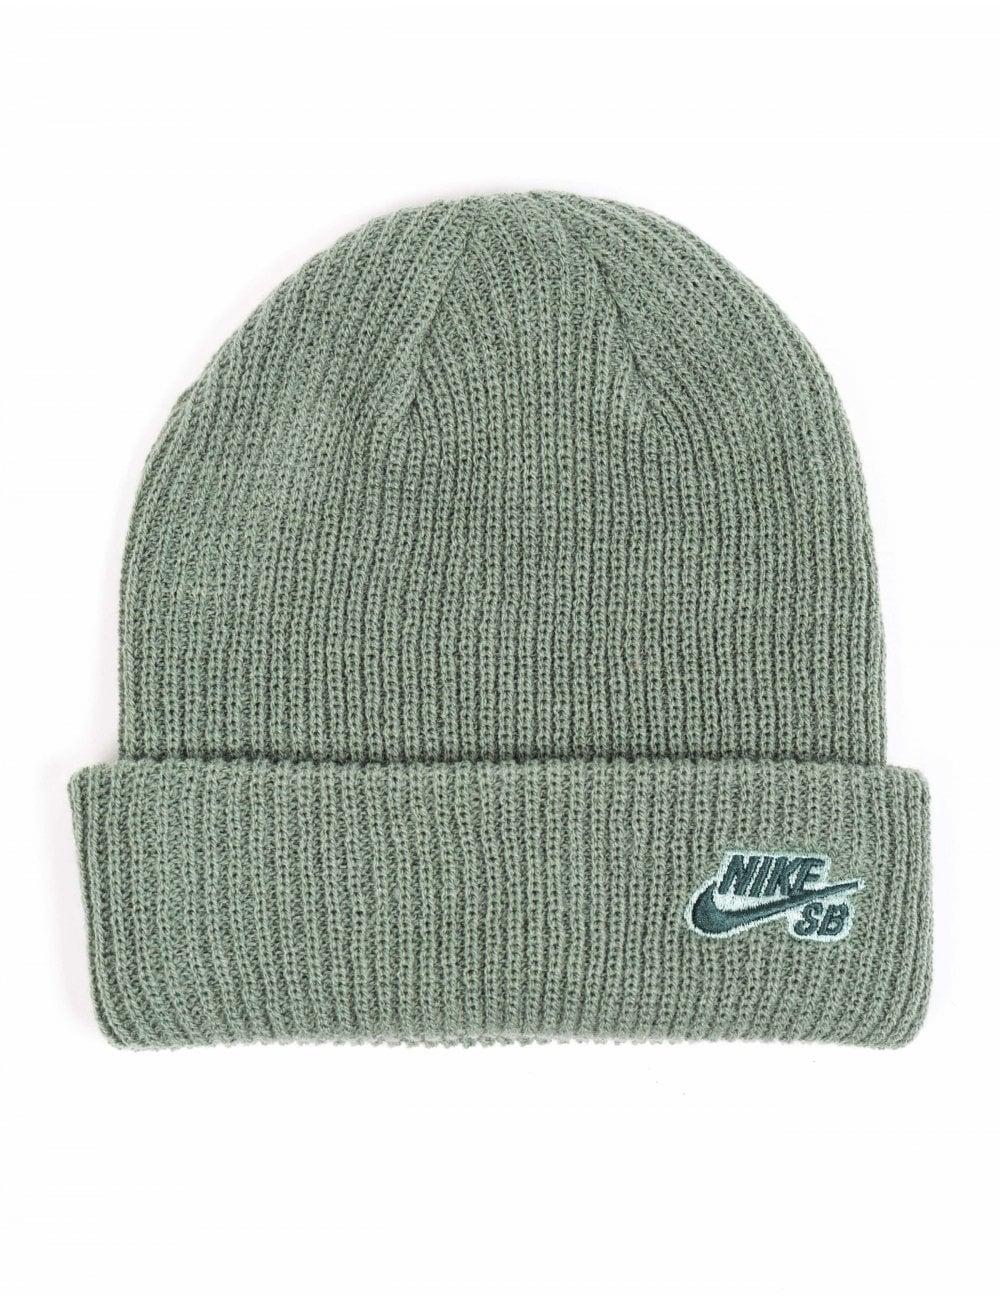 Nike SB Fisherman Beanie Hat - Clay Green - Accessories from Fat ... 4c6b10e4b2f